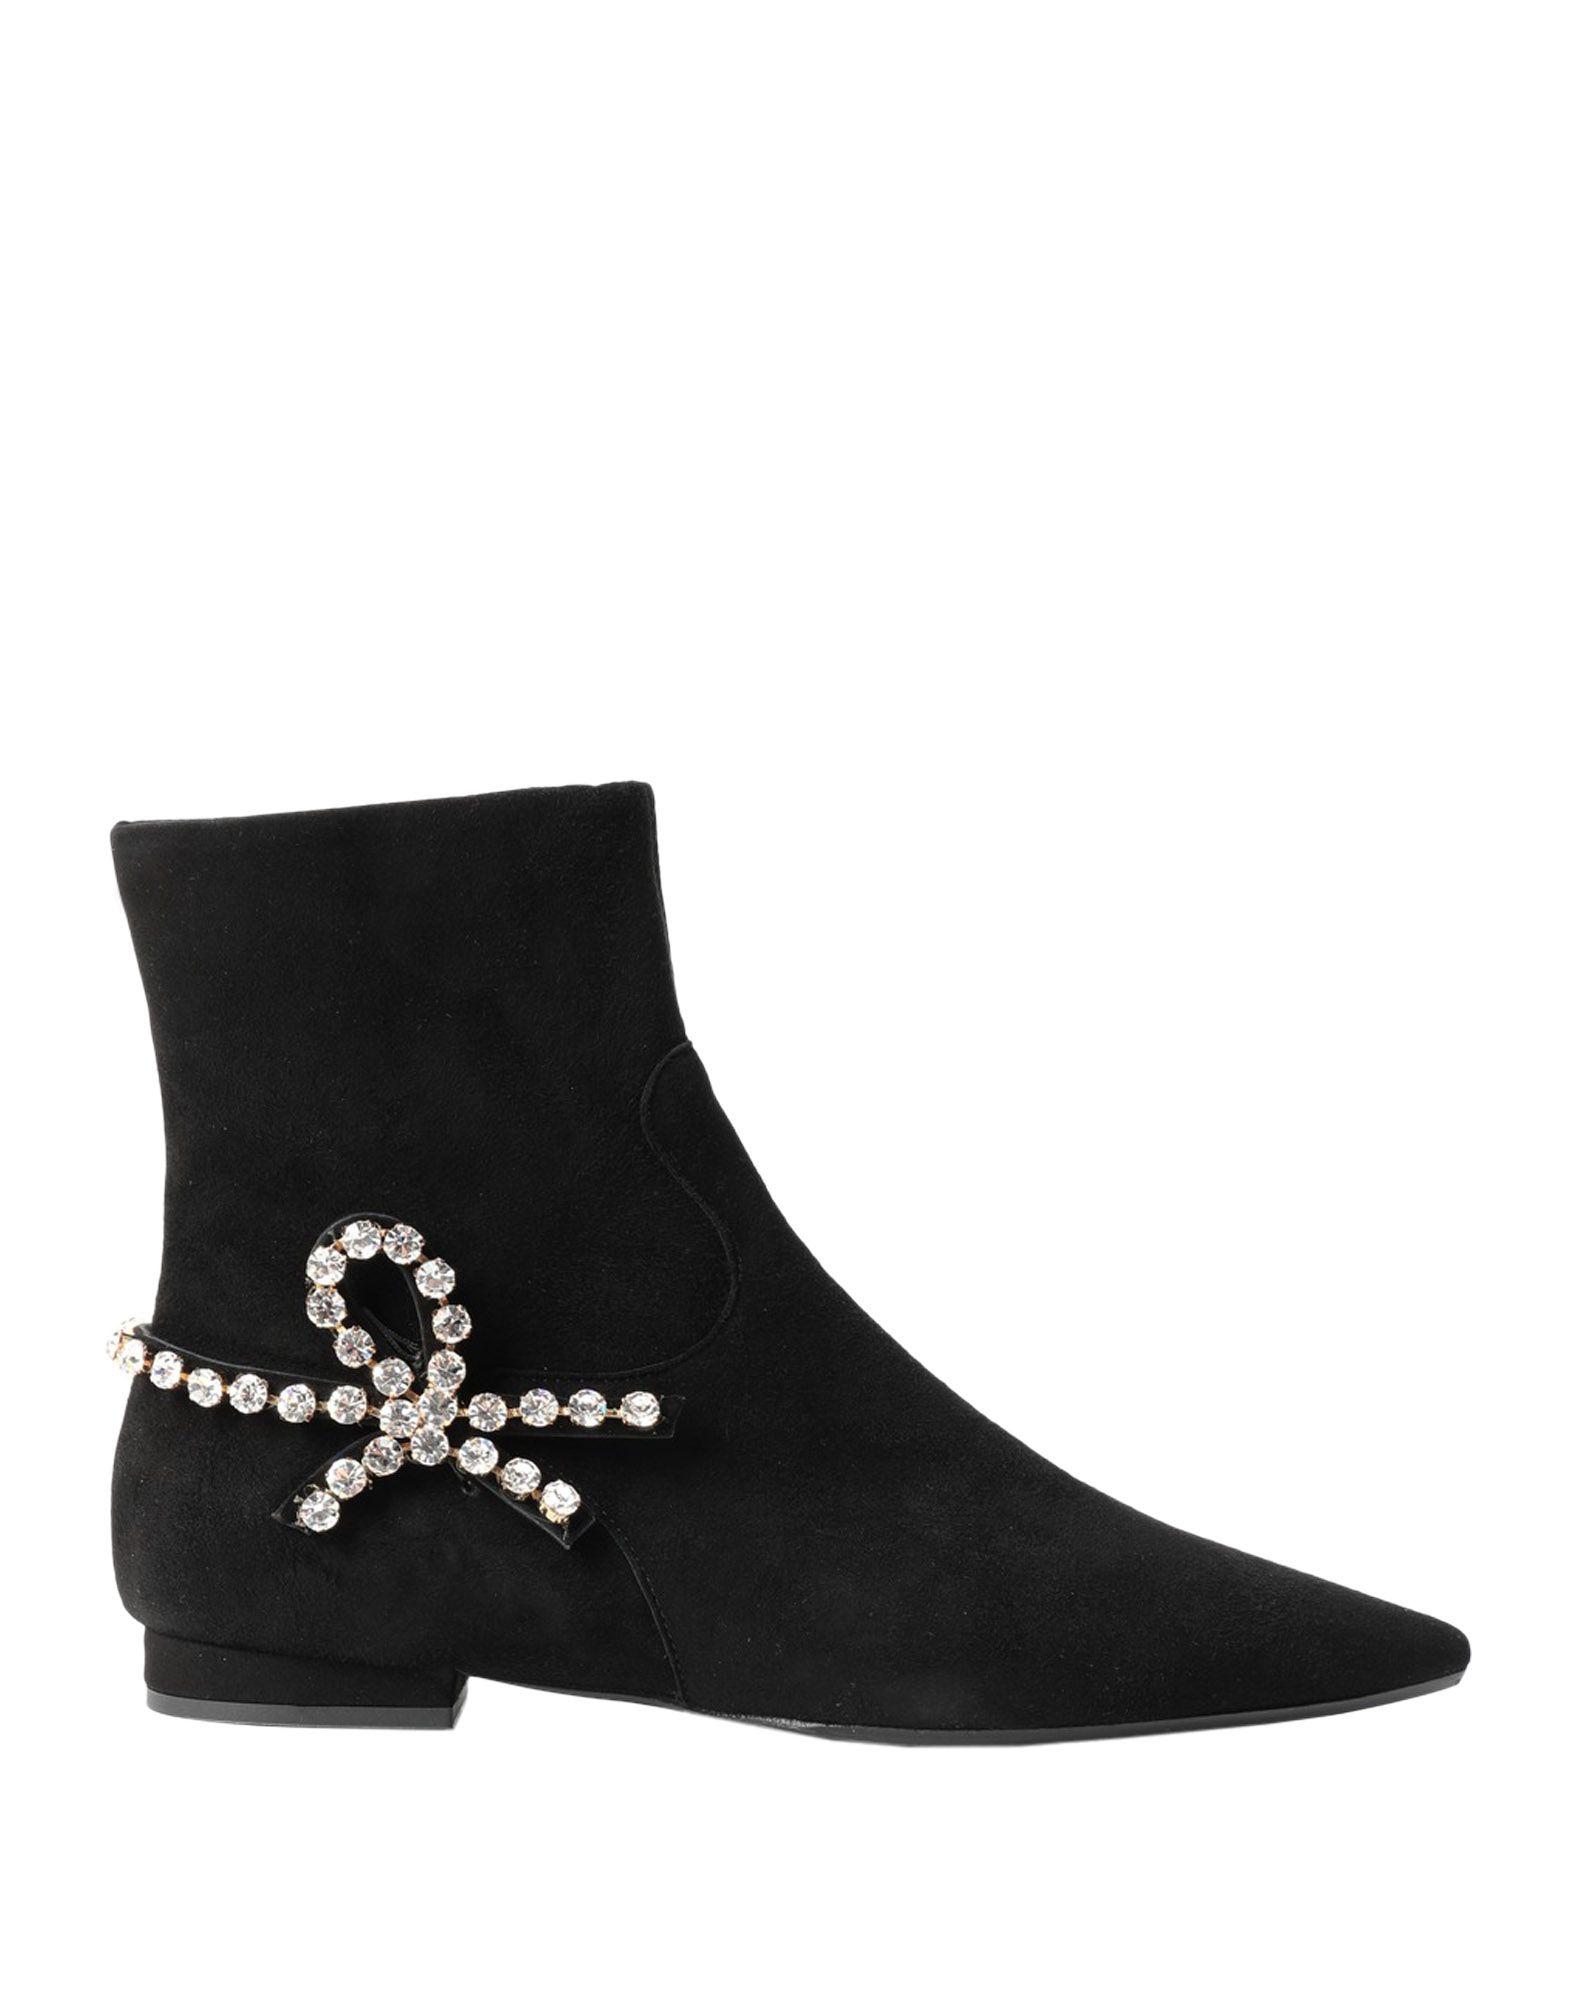 ANNA BAIGUERA Полусапоги и высокие ботинки туфли anna baiguera